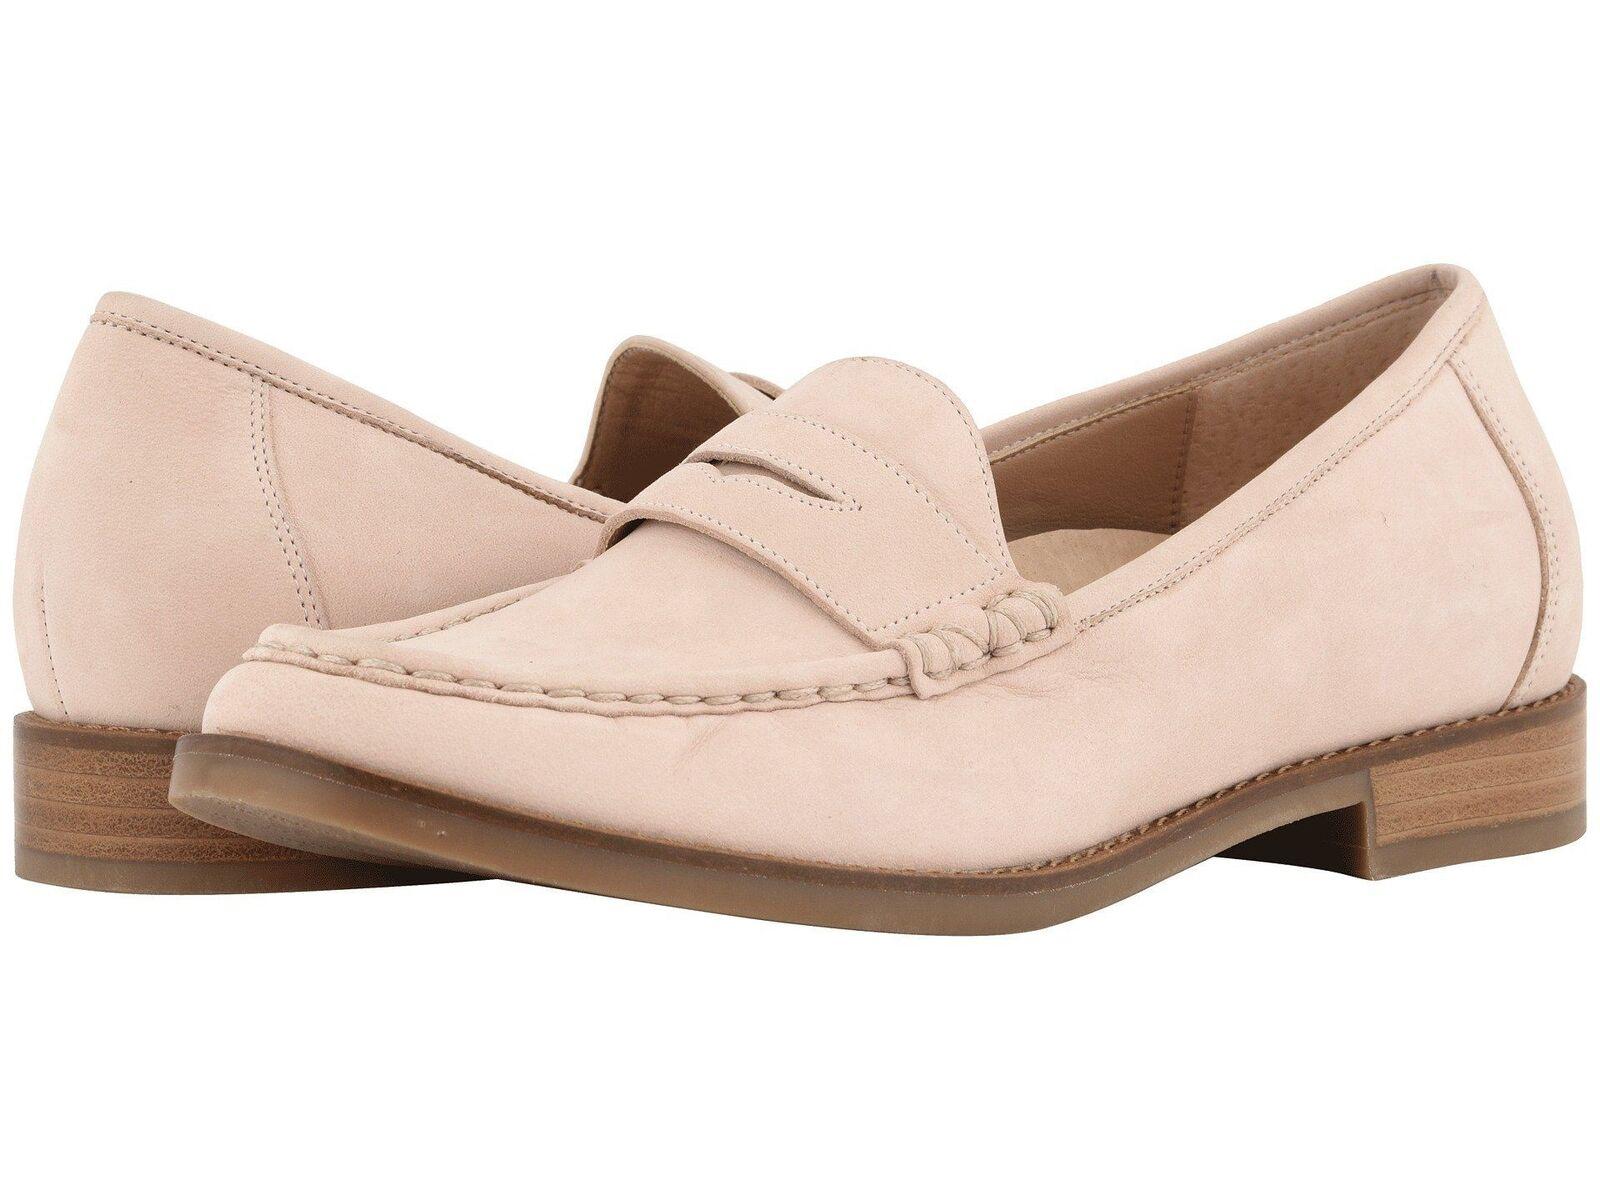 Vionic Waverly Luz Luz Luz rosado Zapatos para mujer de moda  tienda en linea